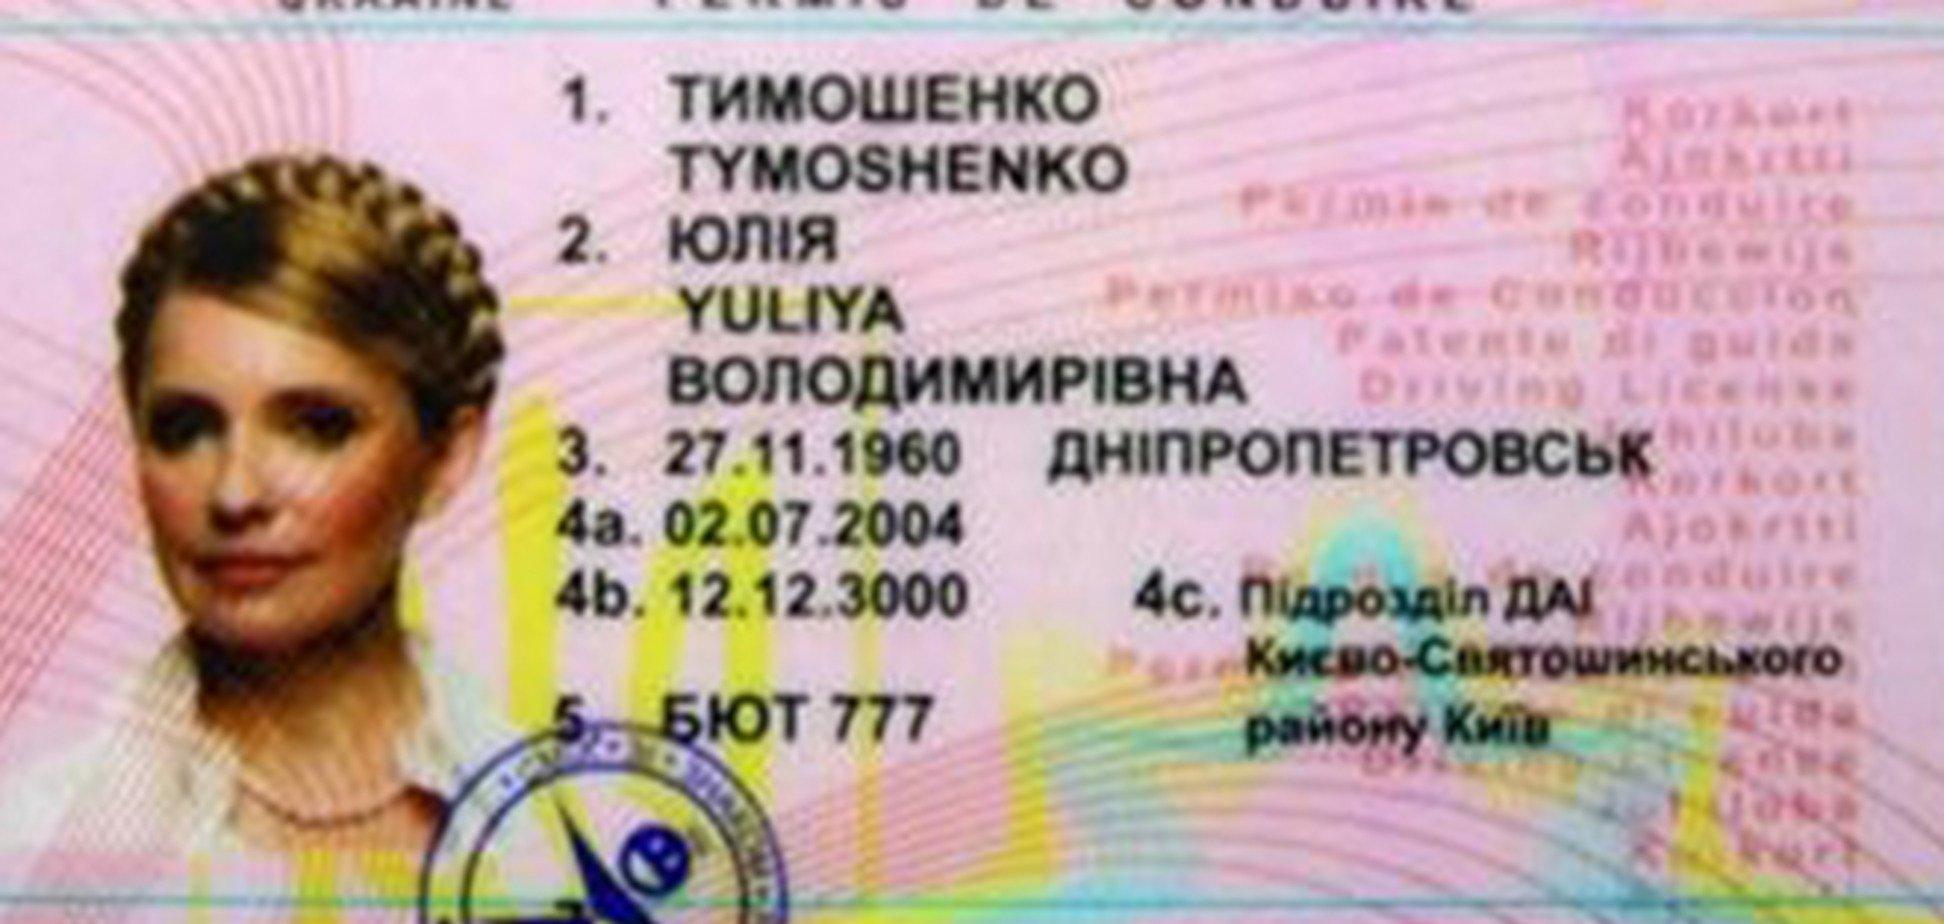 Водительские права Тимошенко можно купить всего за 12 грн